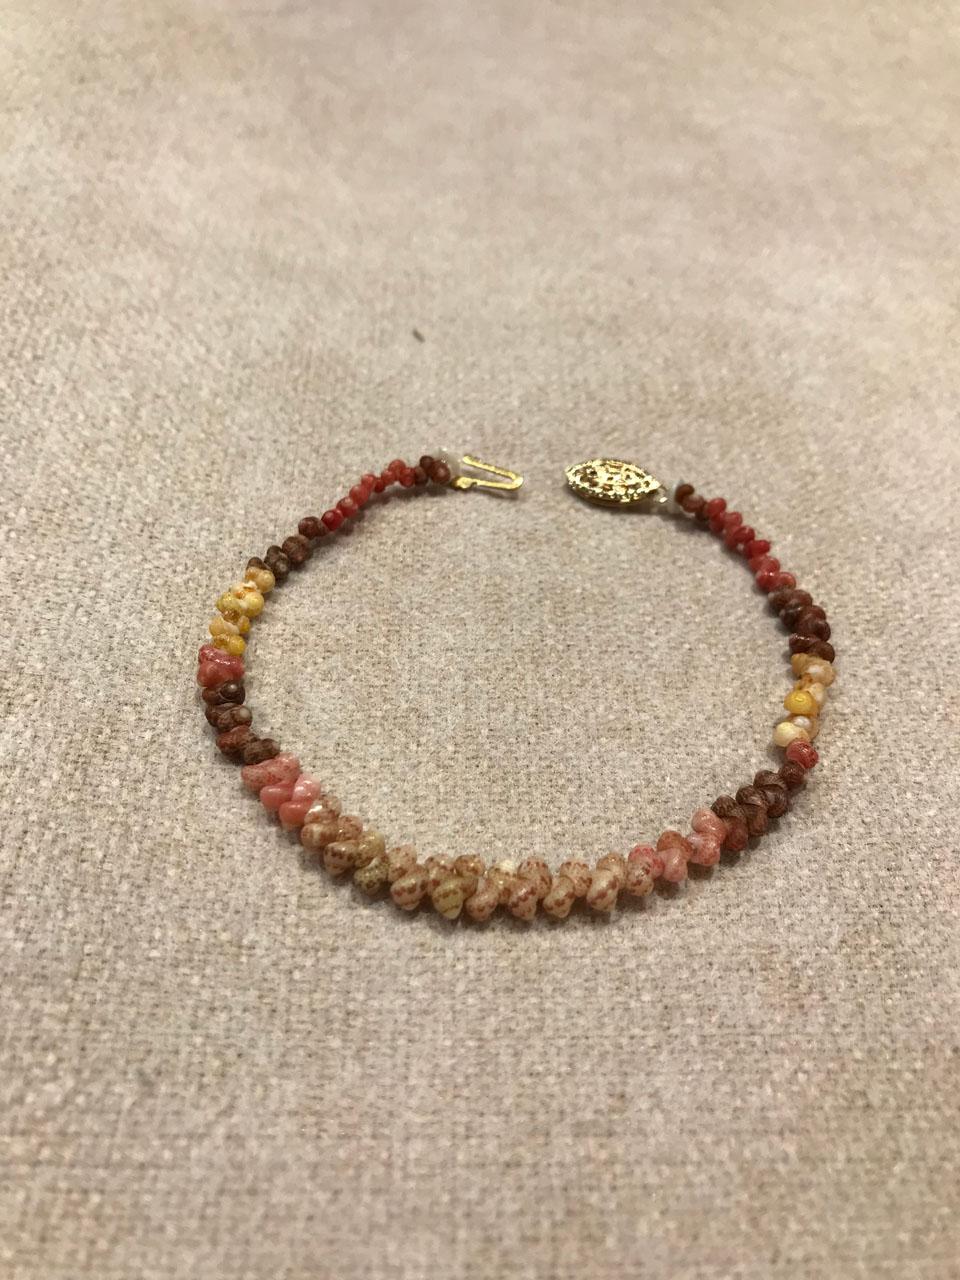 Niihau Niʻihau Mauna Loa Bracelet